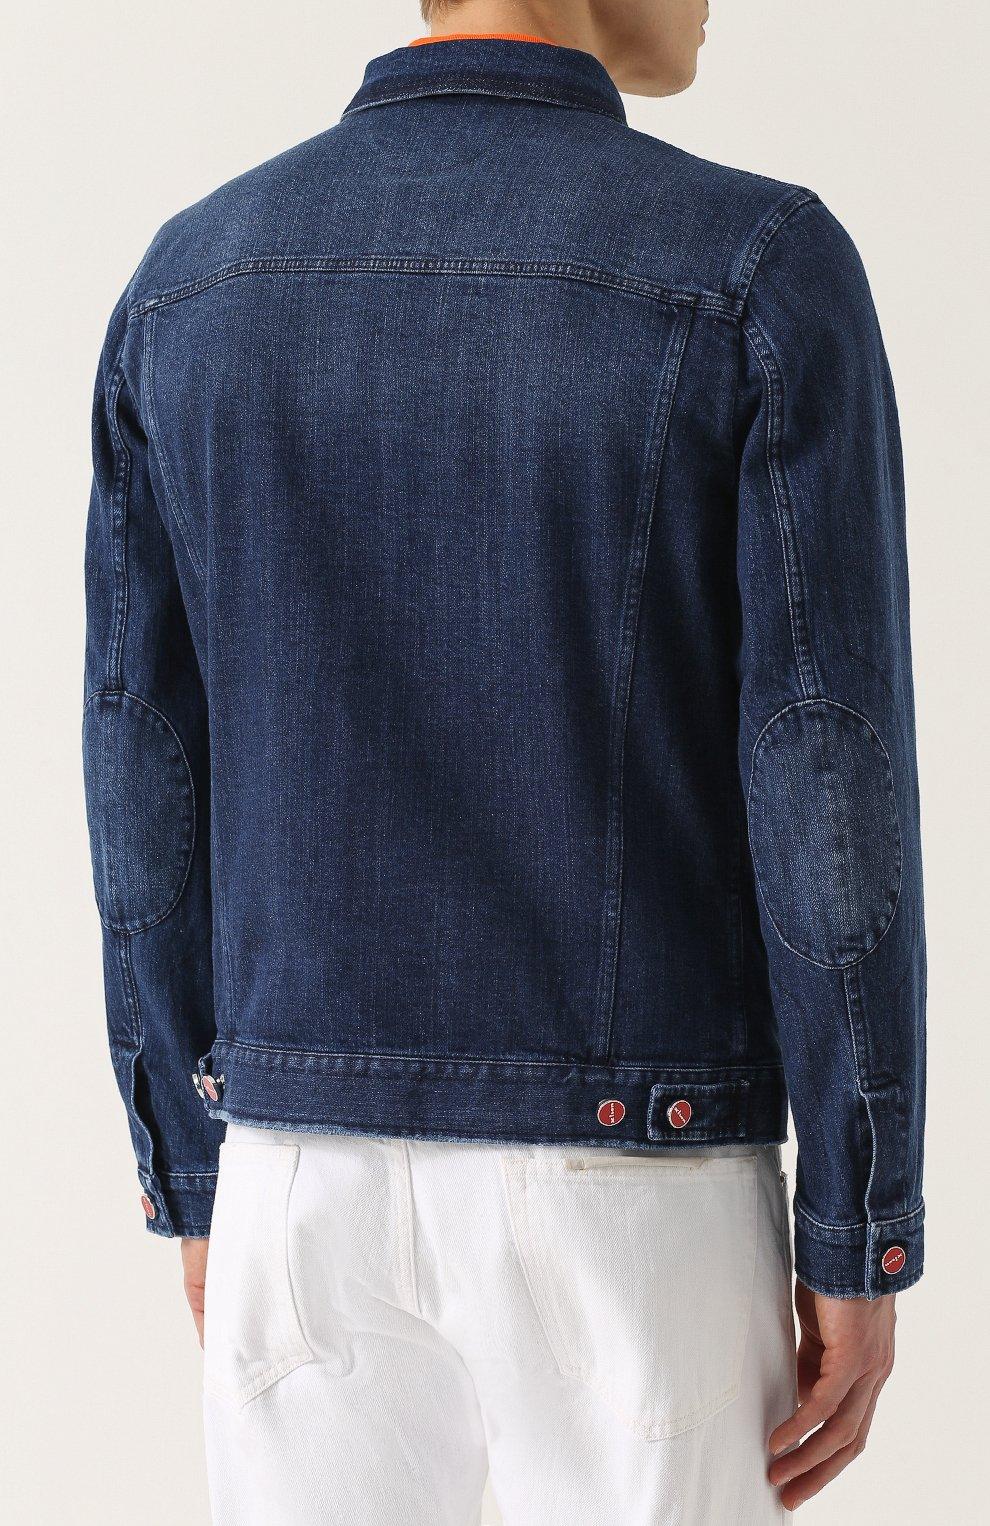 a344e70c324 Джинсовая куртка с отложным воротником и контрастными пуговицами Kiton  темно-синяя